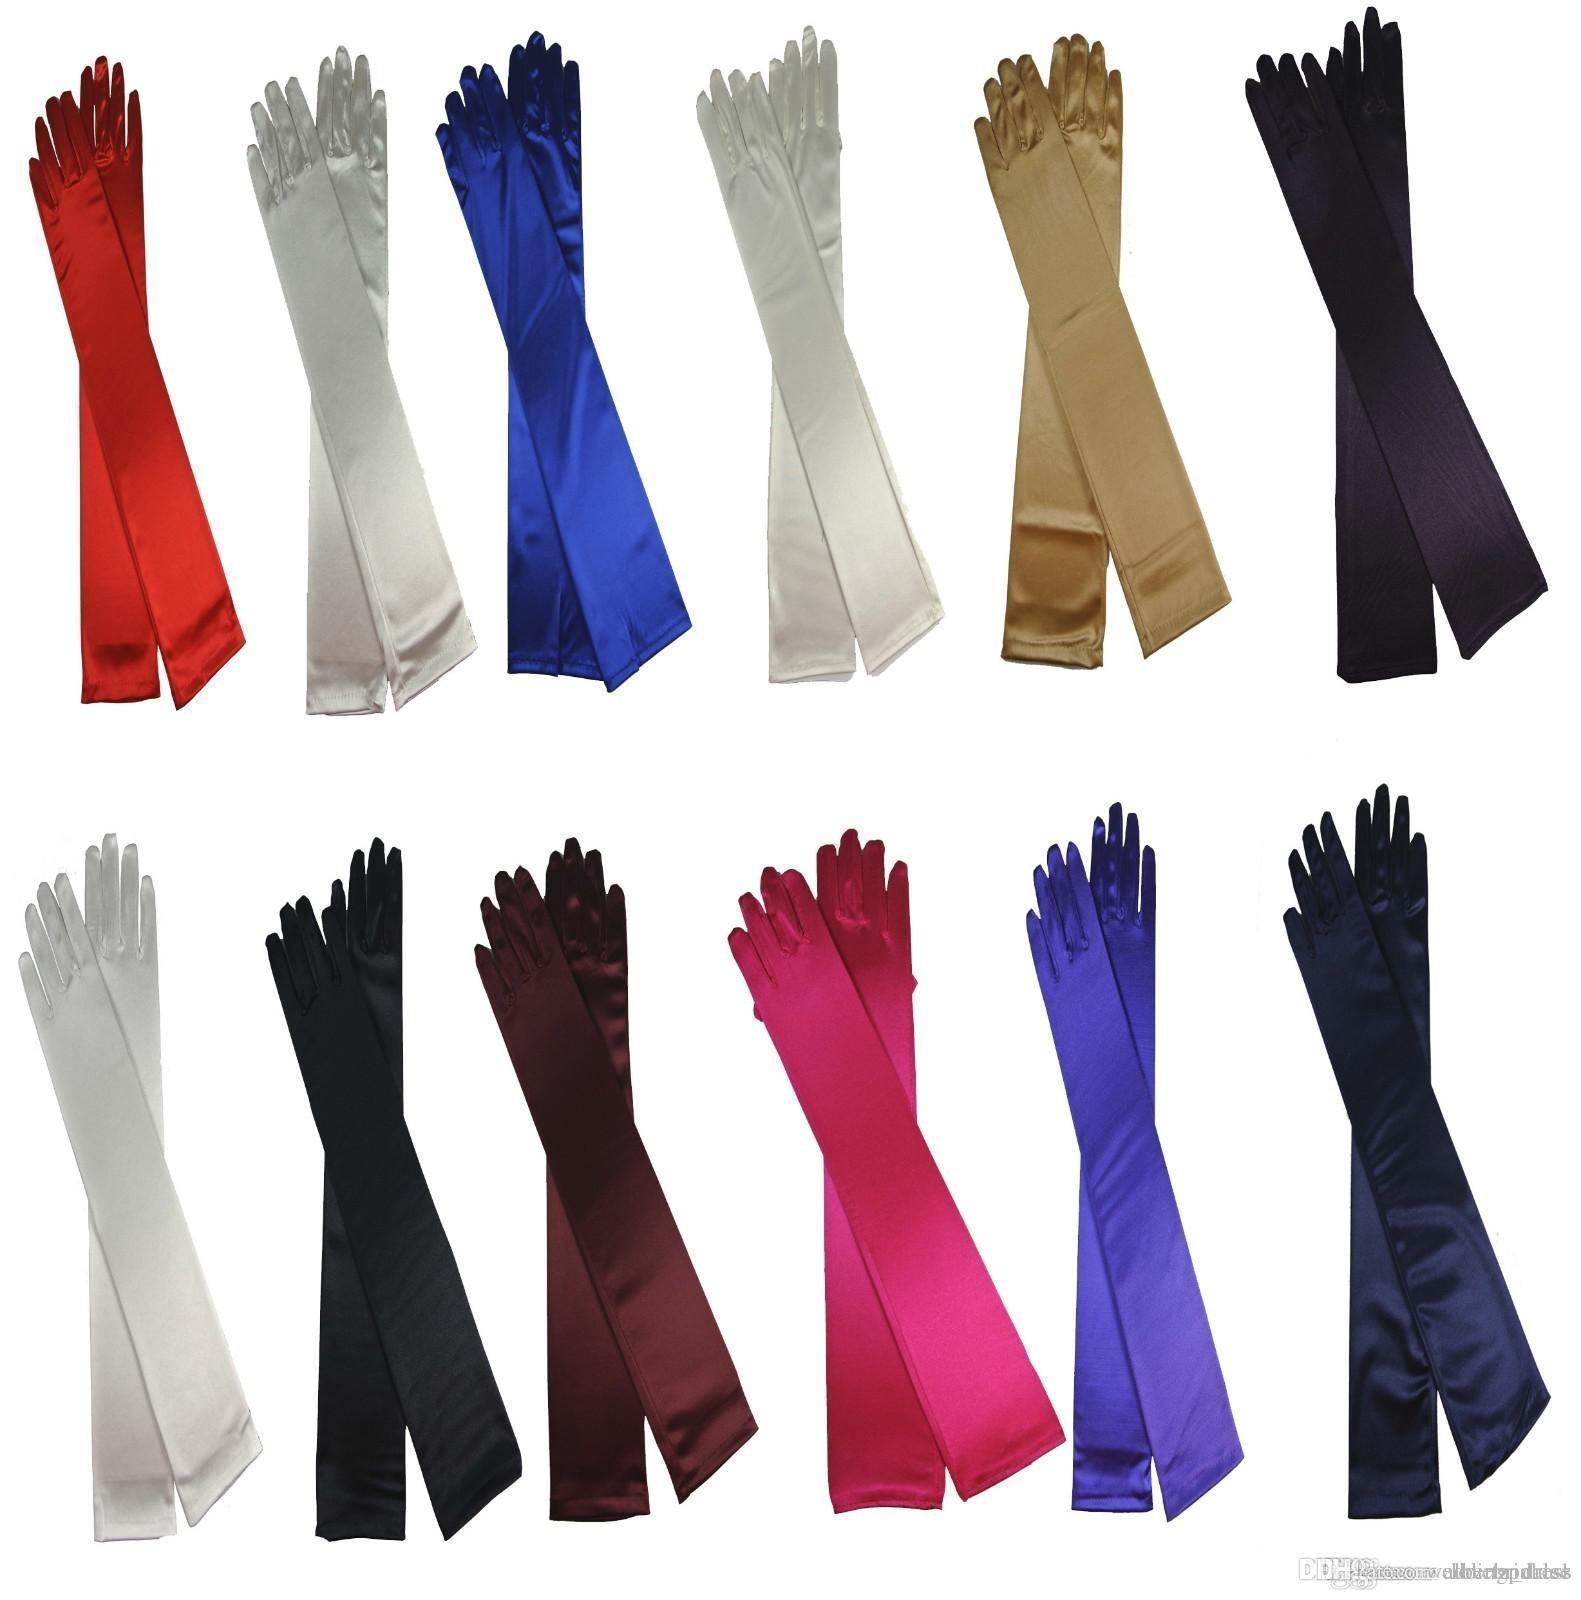 Cheap Vintage Silk Satin Red / Nero / Bianco Guanti da sposa Bridal Guanti lunghi Bride Opera sopra il gomito Accessori da sposa Limita un articolo acquisto